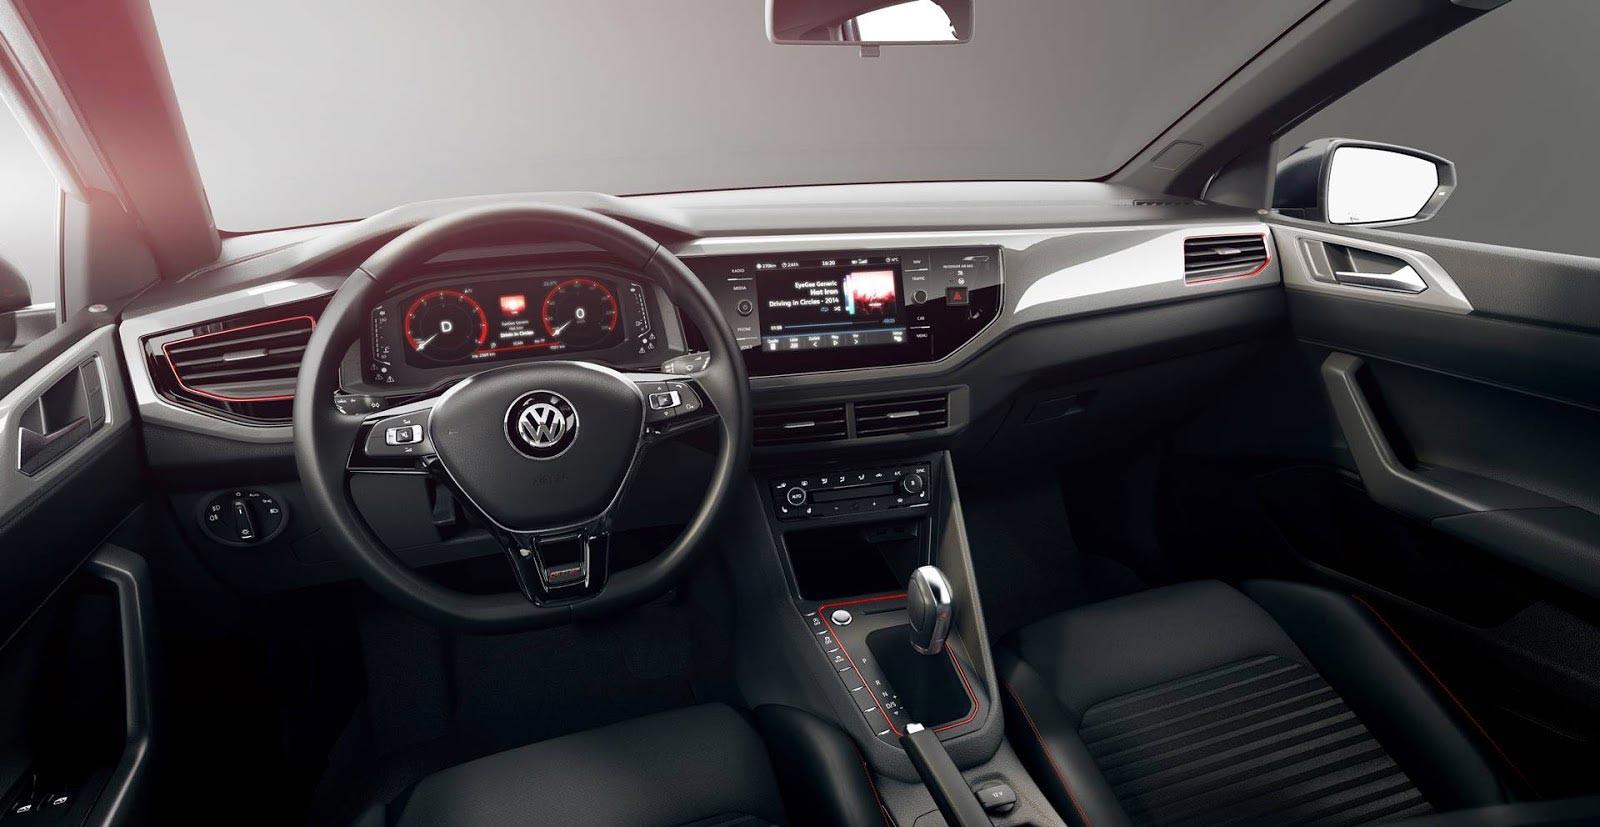 VW-Polo-Virtus-GTS-Concept-interior